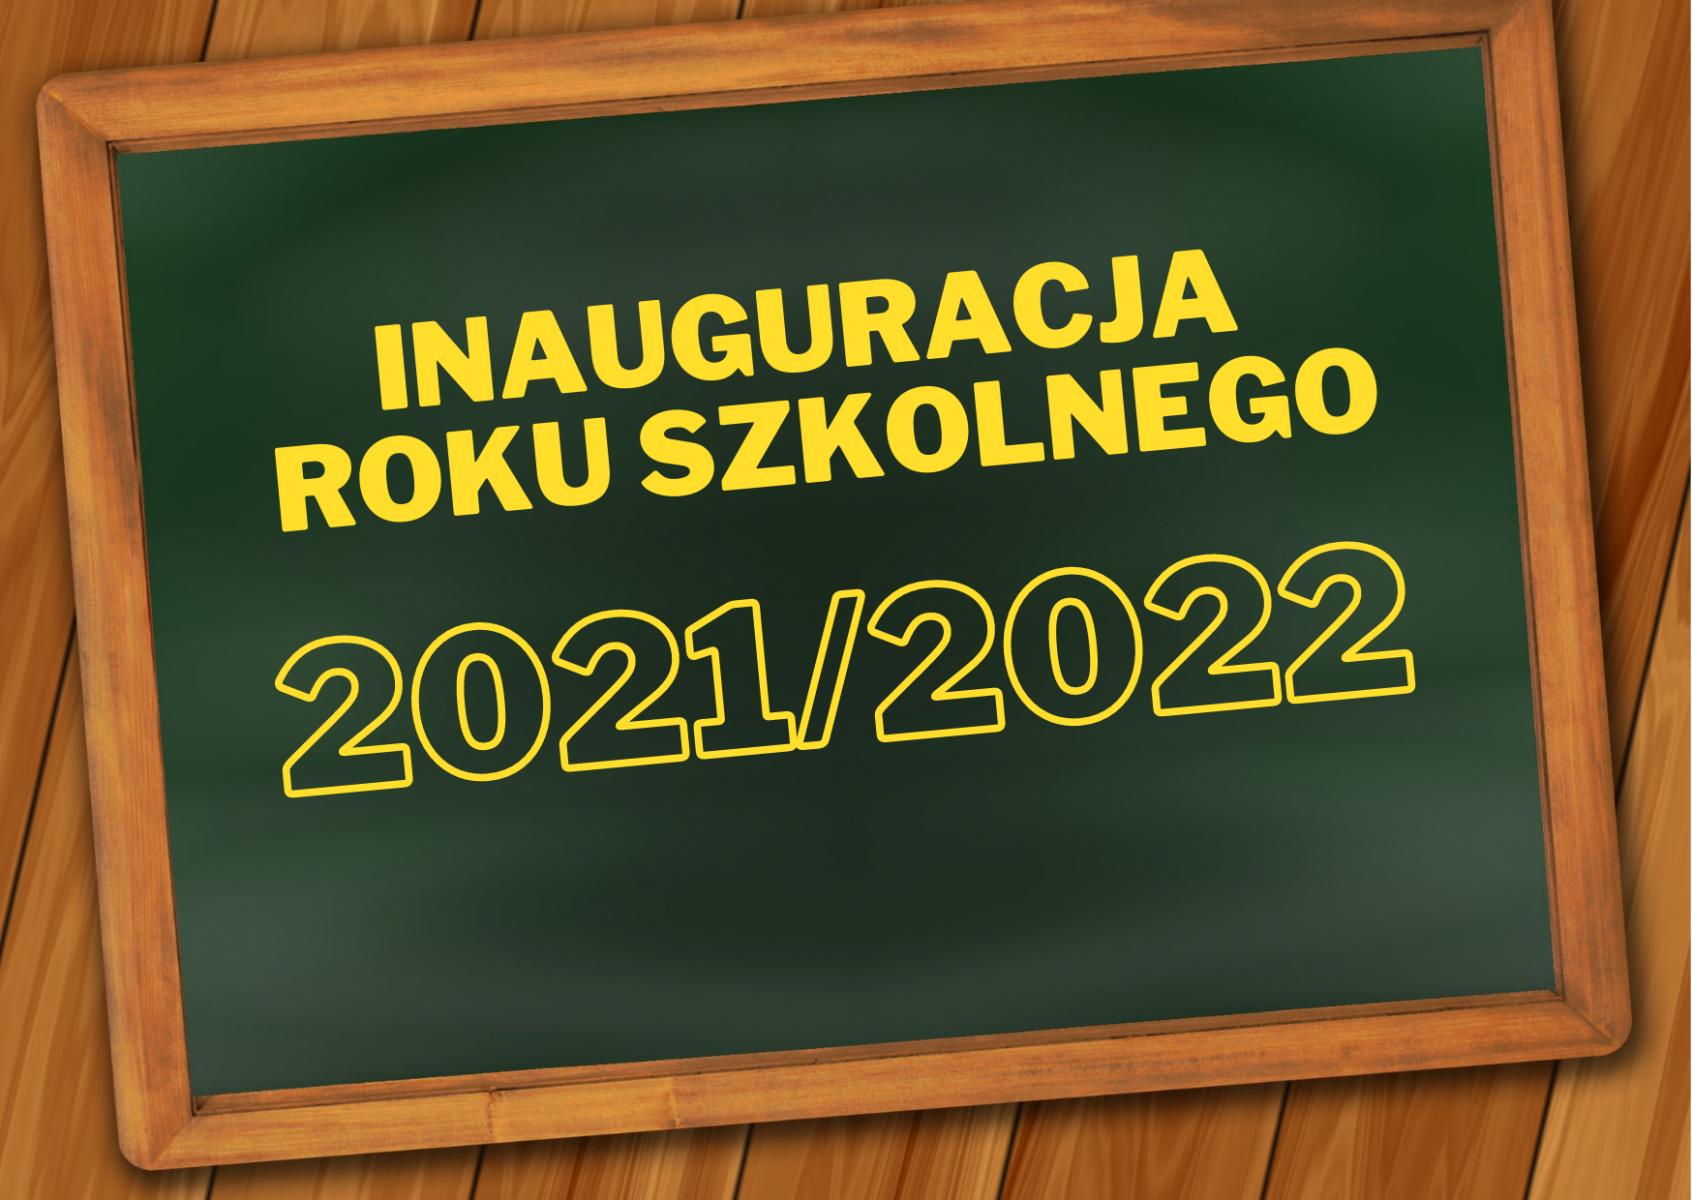 INAUGURACJA roku szkolnego 2021/2022                     1 września 2021 r